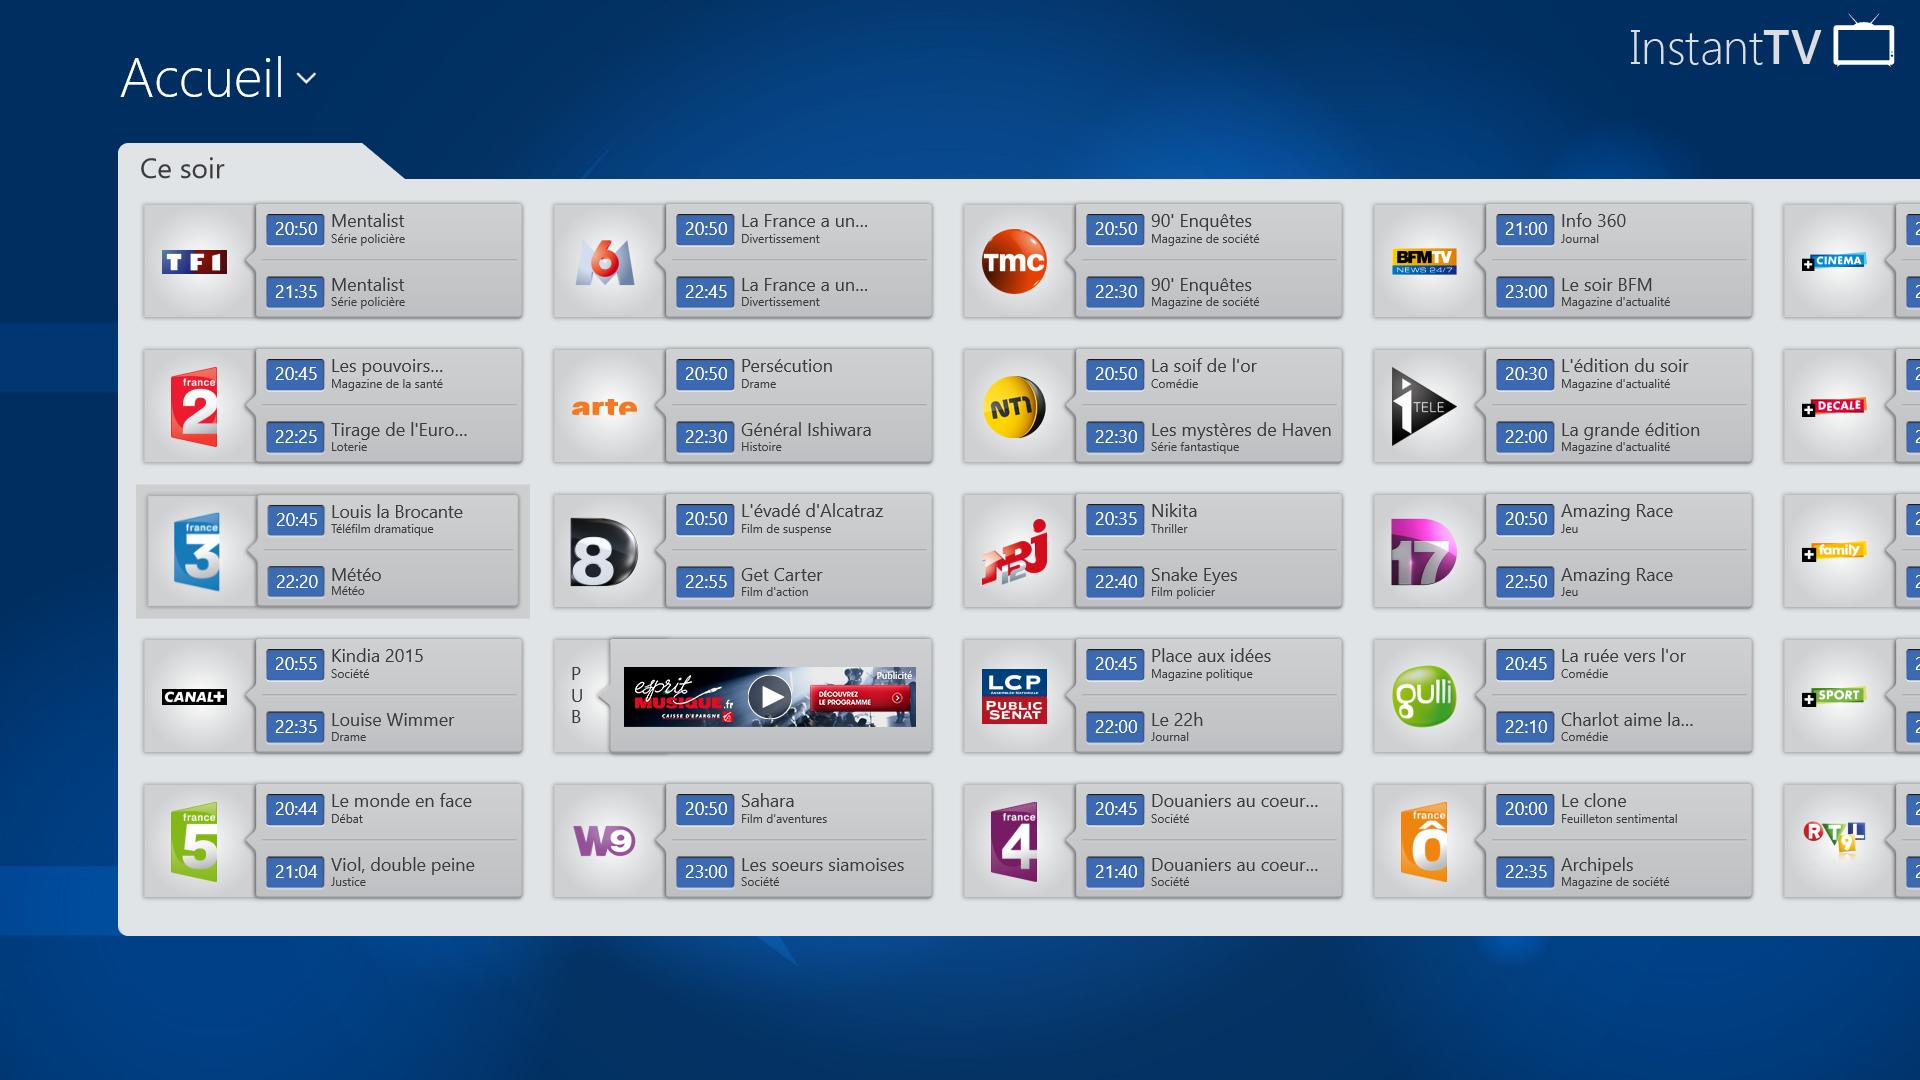 Programme TV par Télérama 2.0.4 download - Téléchargez l'application Programme TV Télérama et plongez dans l'univers des programmes télé décryptés…